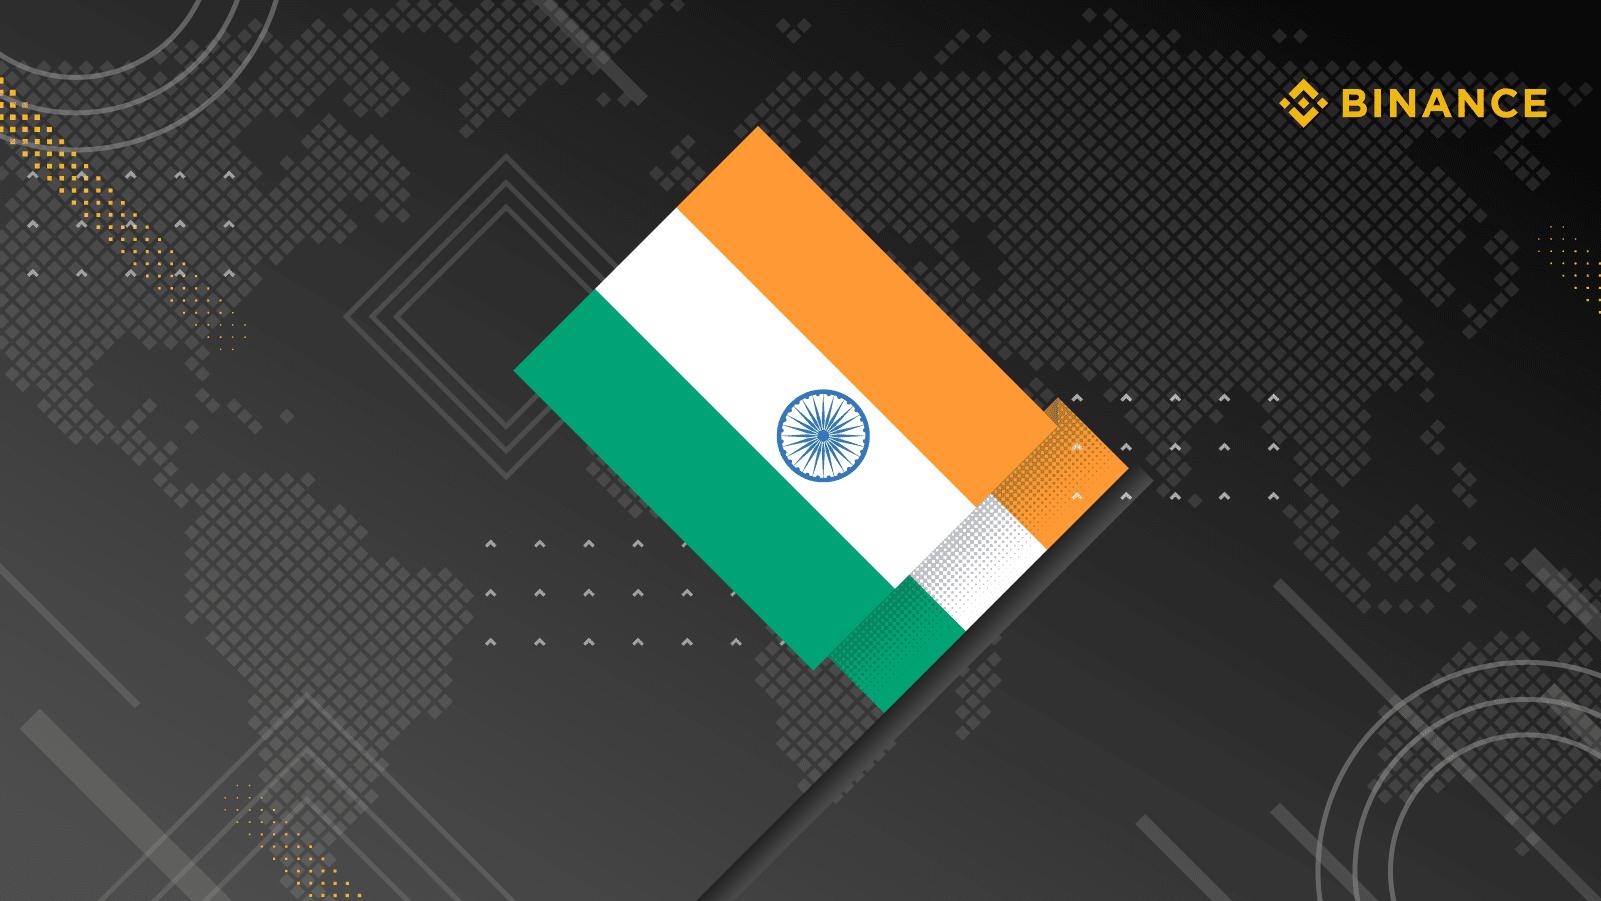 Индия подозревает Binance в отмывании денег